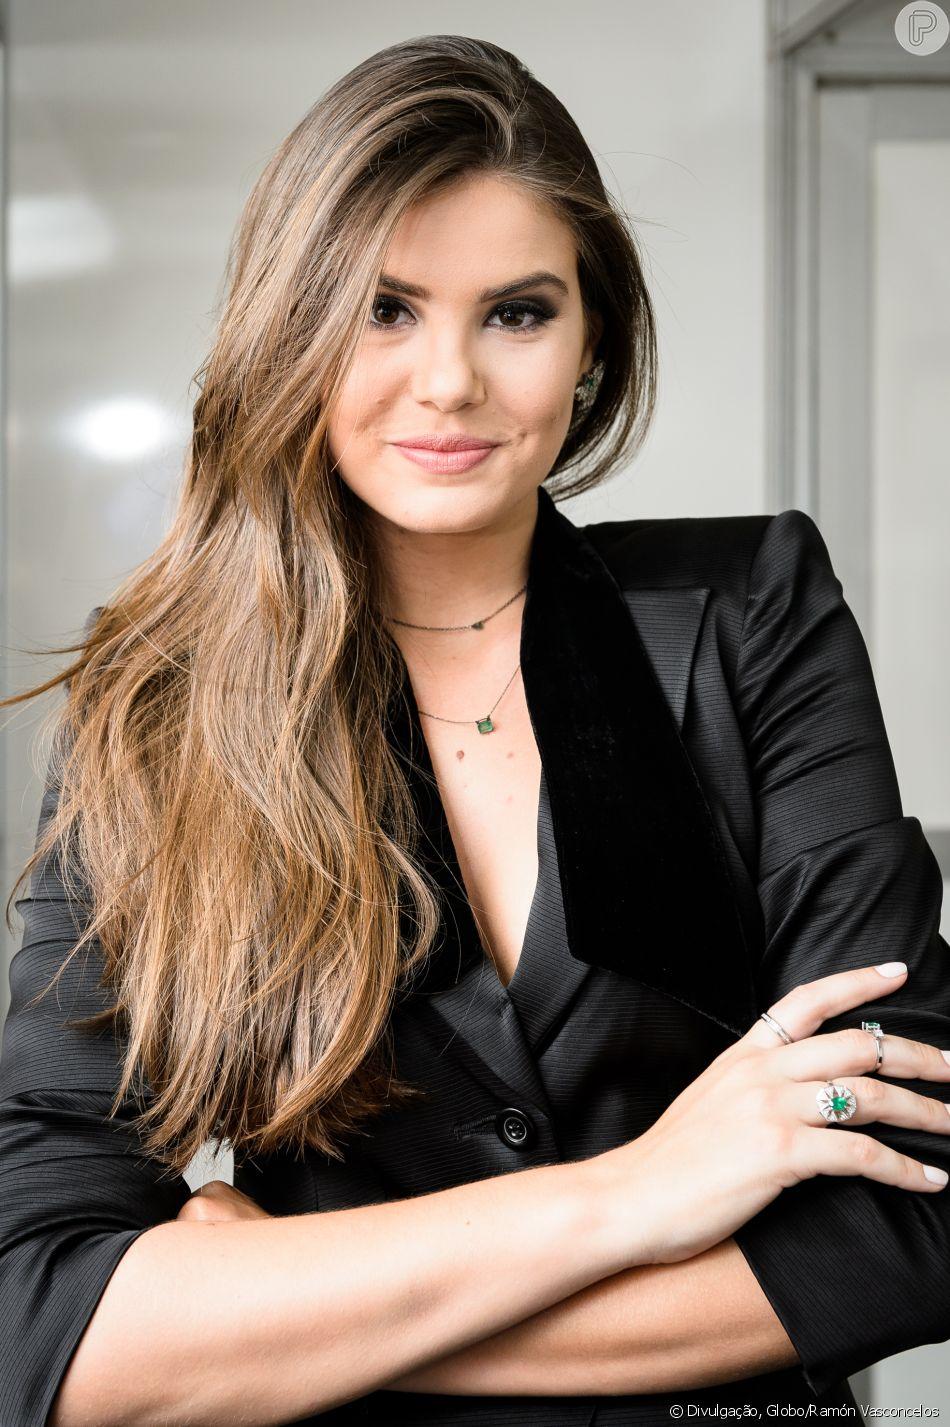 Camila Queiroz descartou preferência por tipos de personagens: 'Acho que  é bom passar por todos os horários, por todos os tipos de personagens e todos os autores'